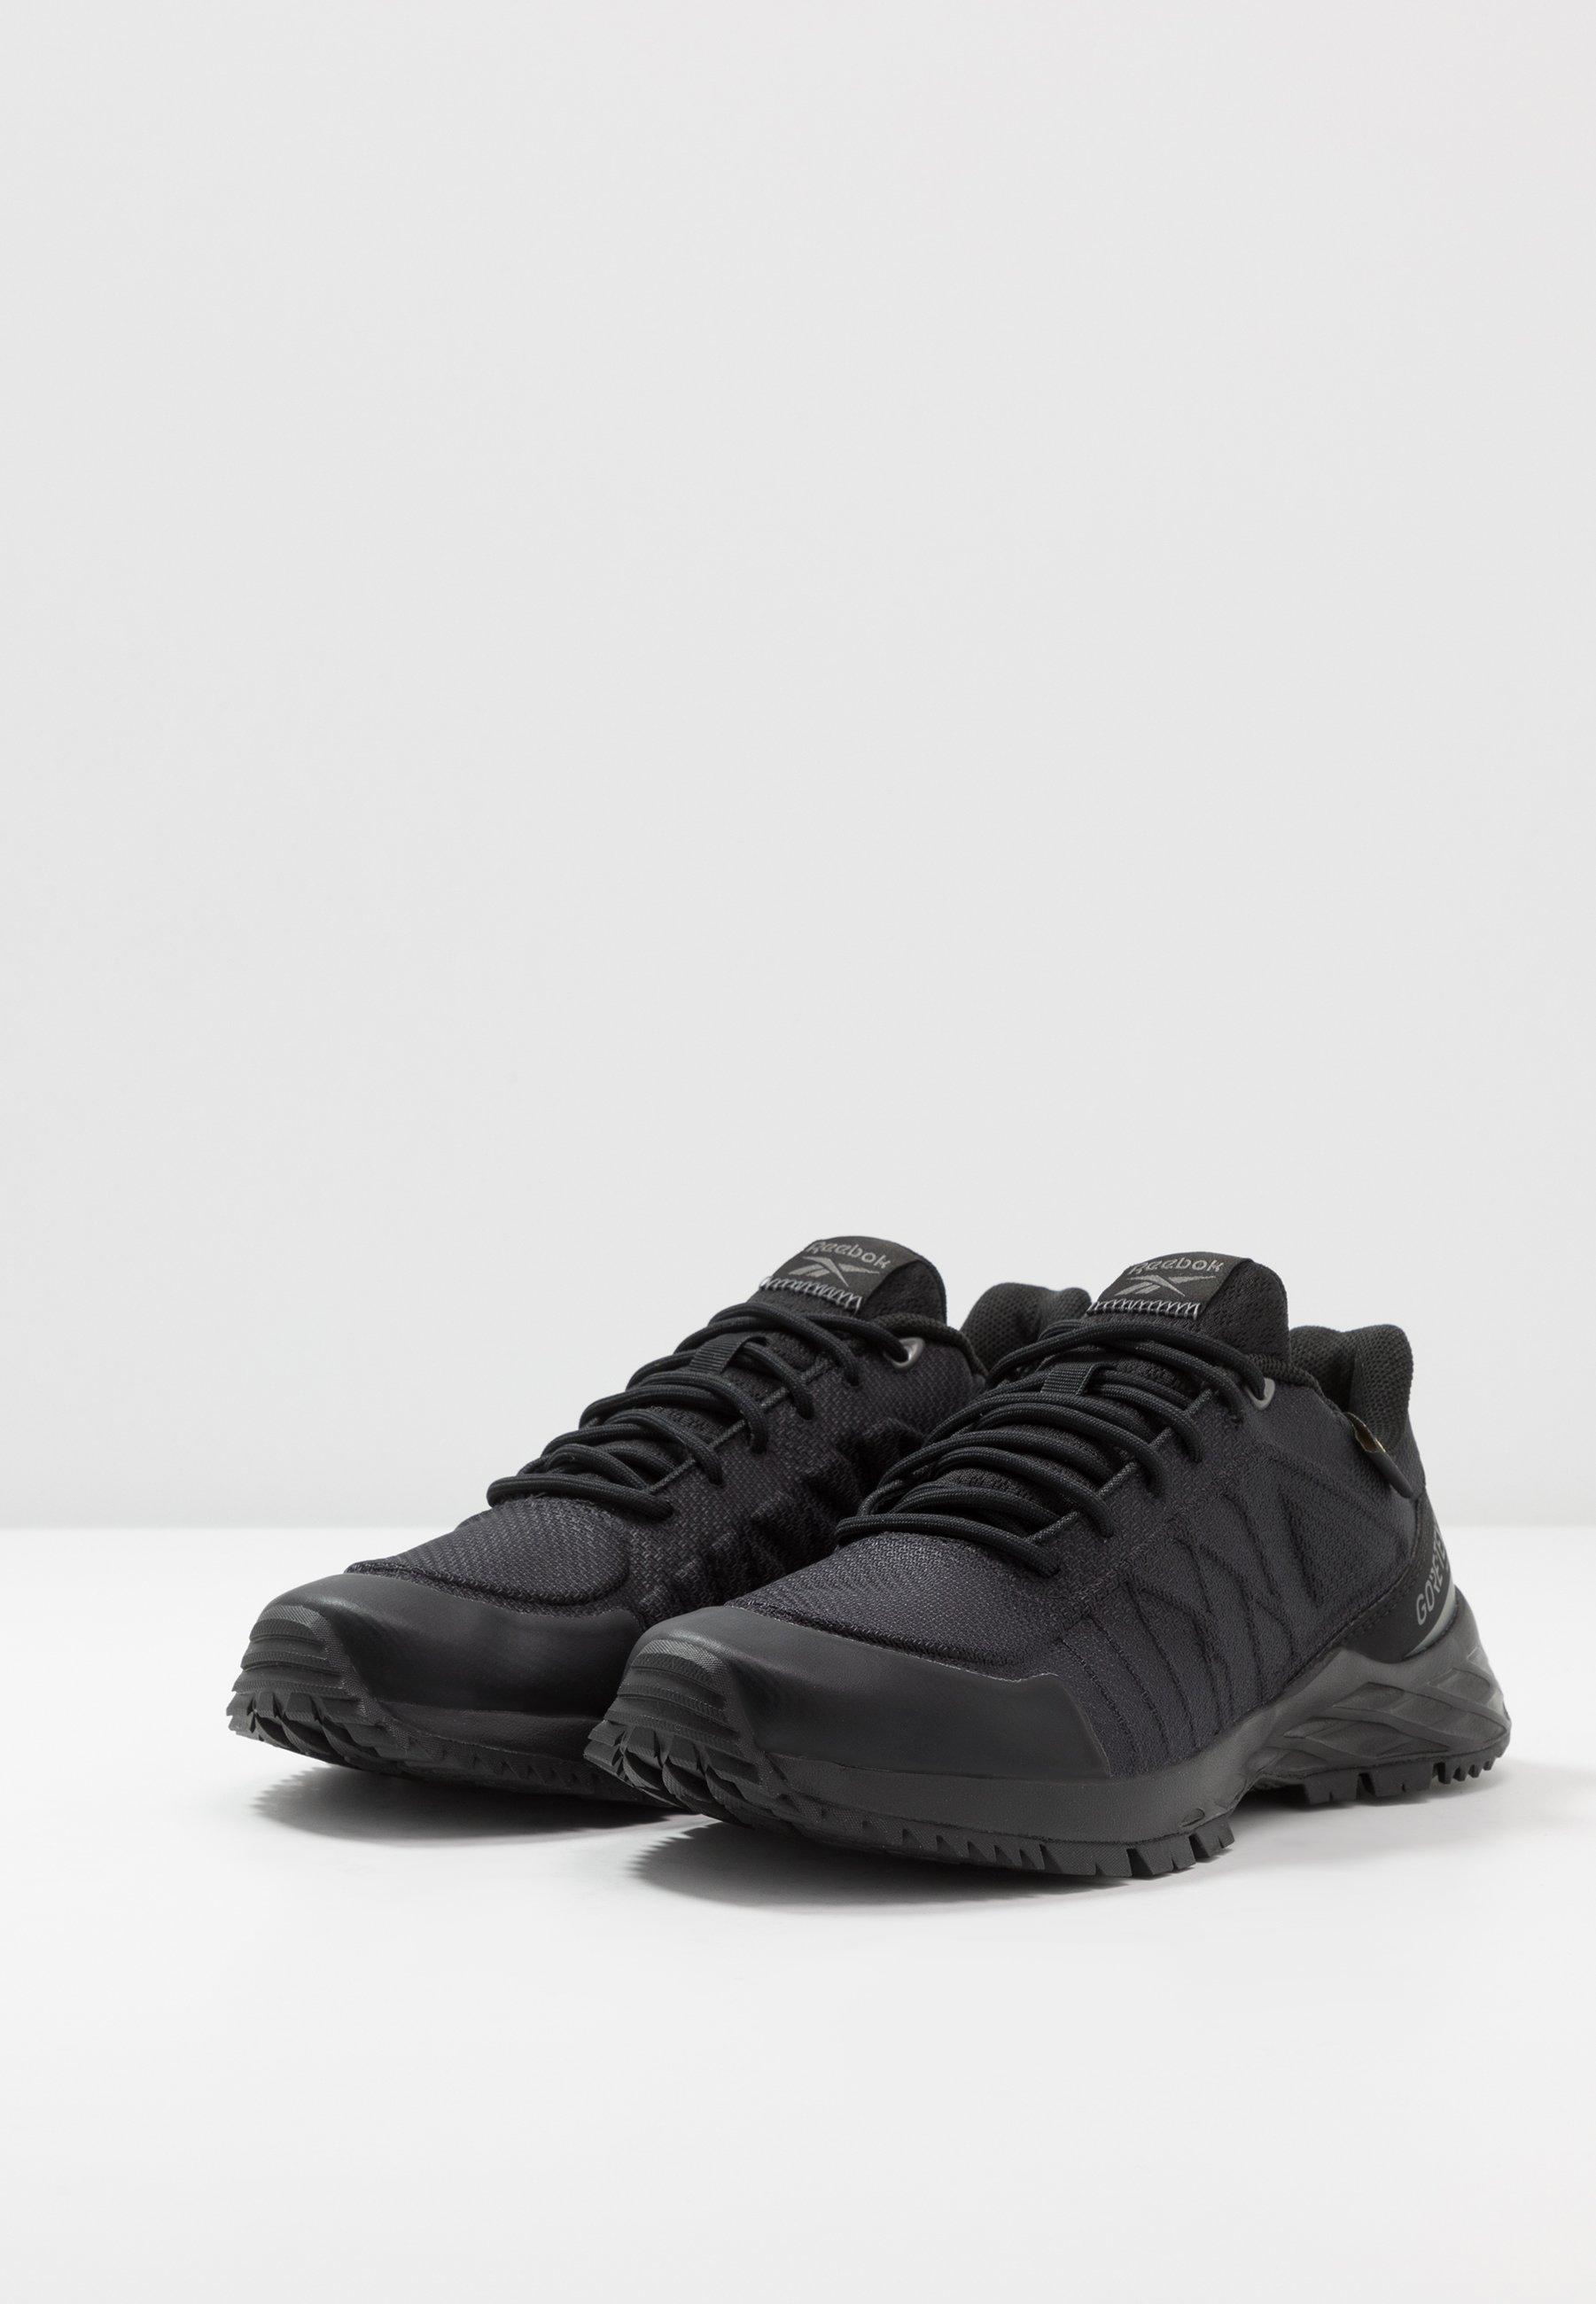 ASTRORIDE TRAIL GTX 2.0 Chaussures de running black